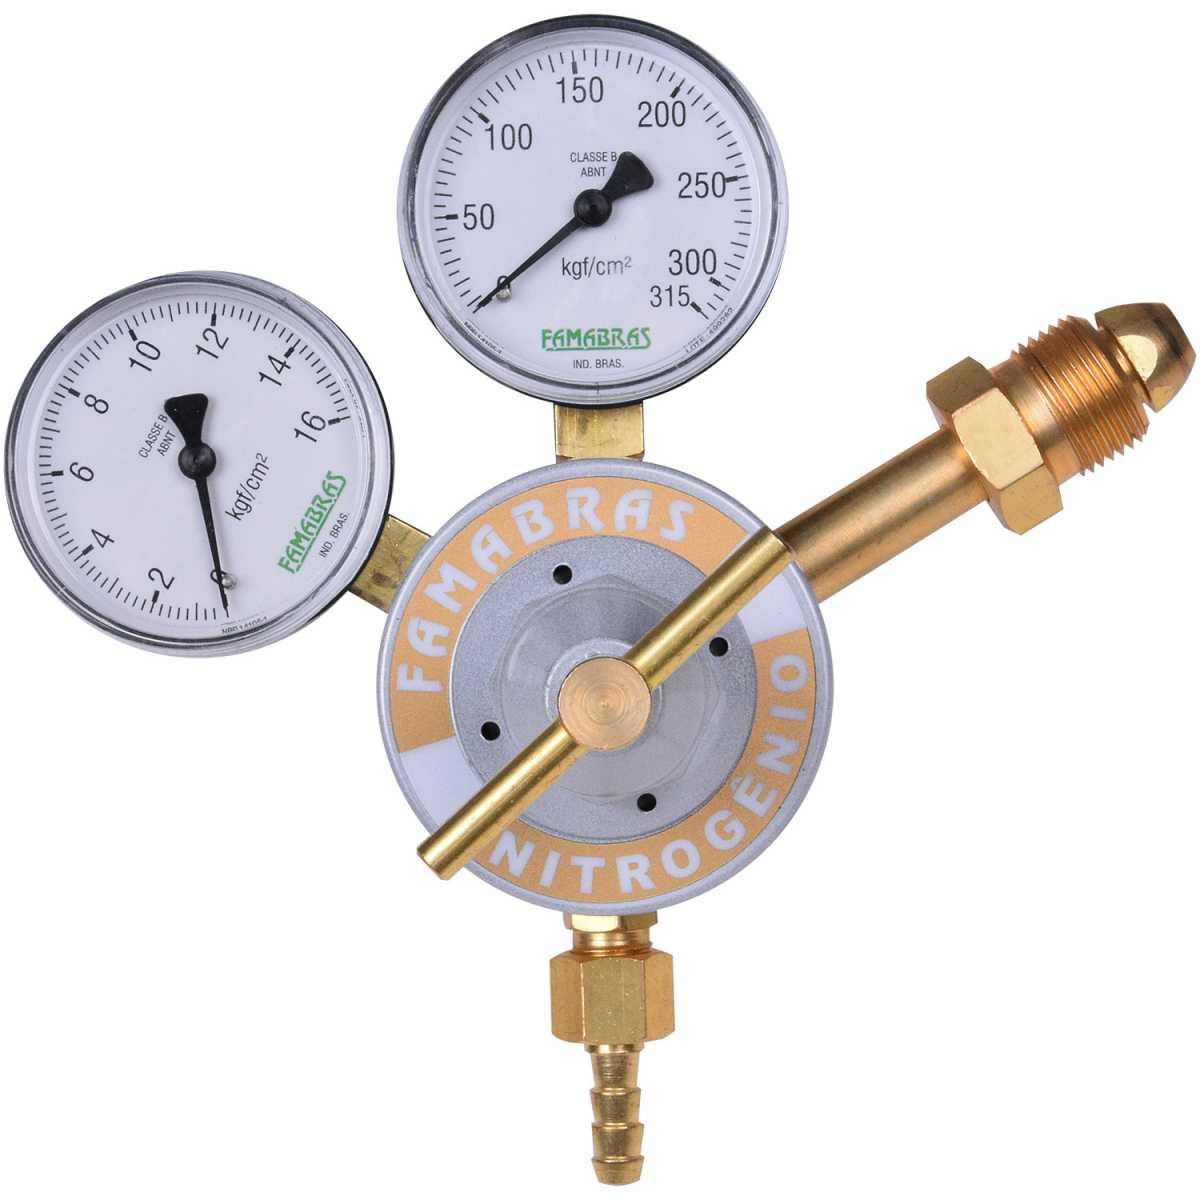 Regulador de Pressão para Nitrogênio Frn-140N Famabras